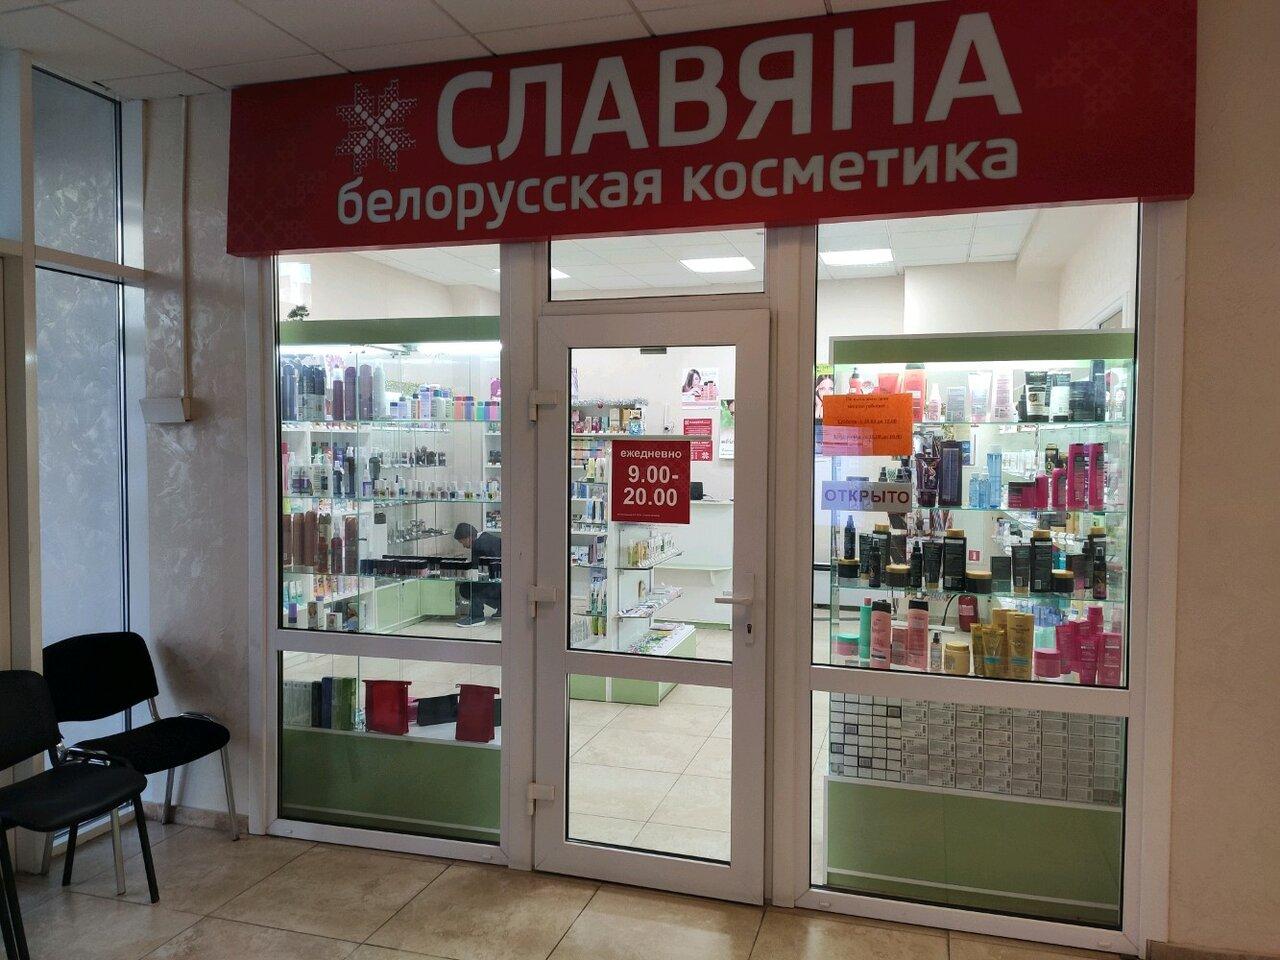 Белорусская косметика в ростове на дону где купить где купить марку косметики essence